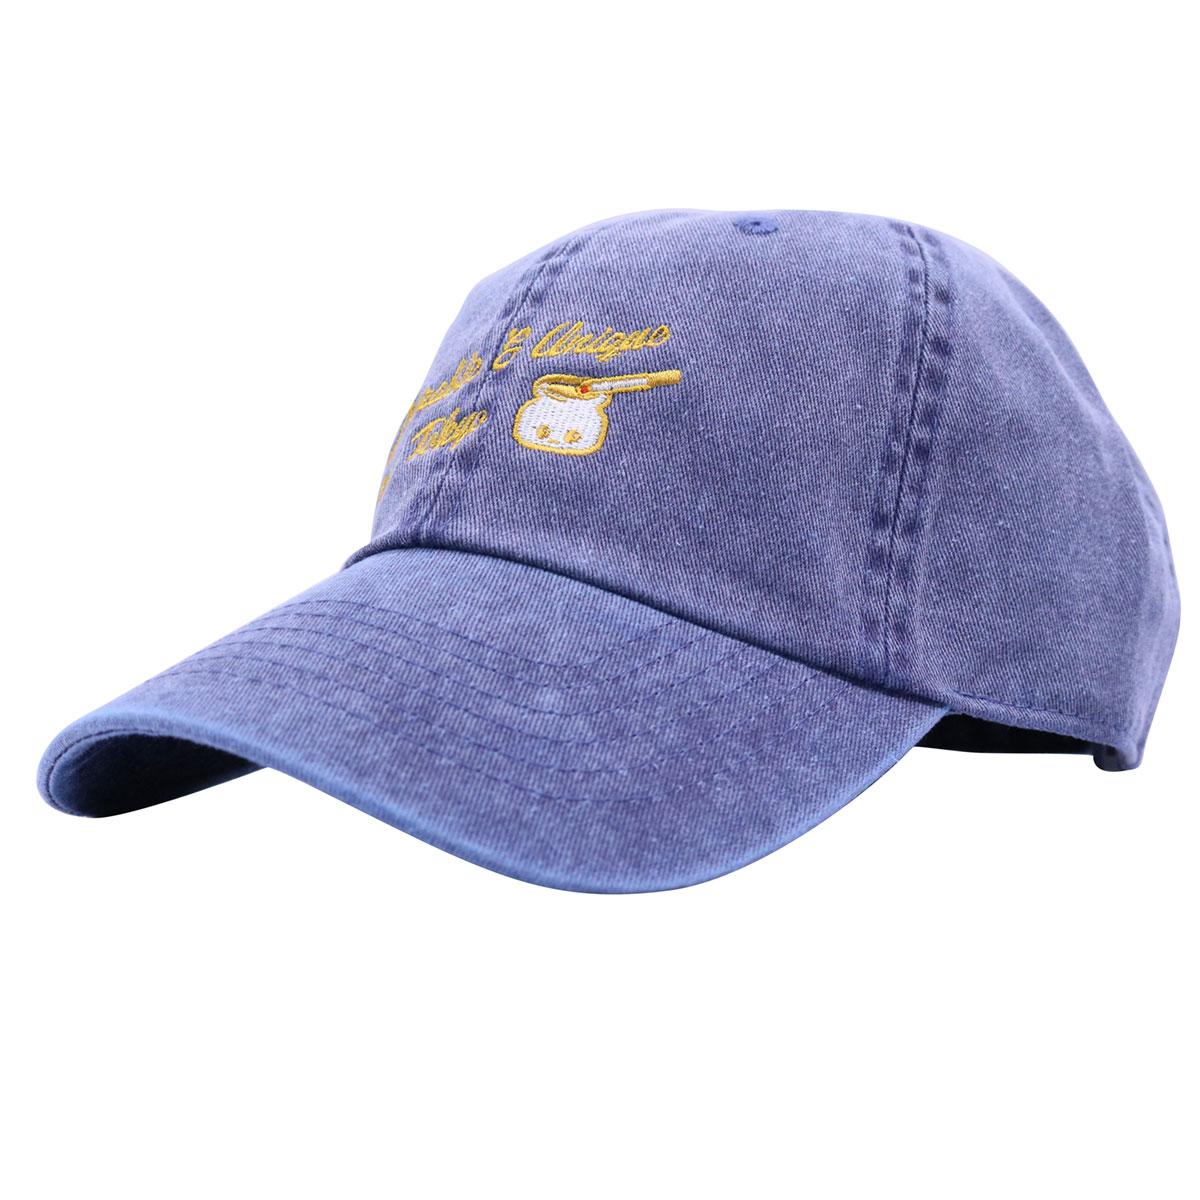 A&U Cap (Navy)